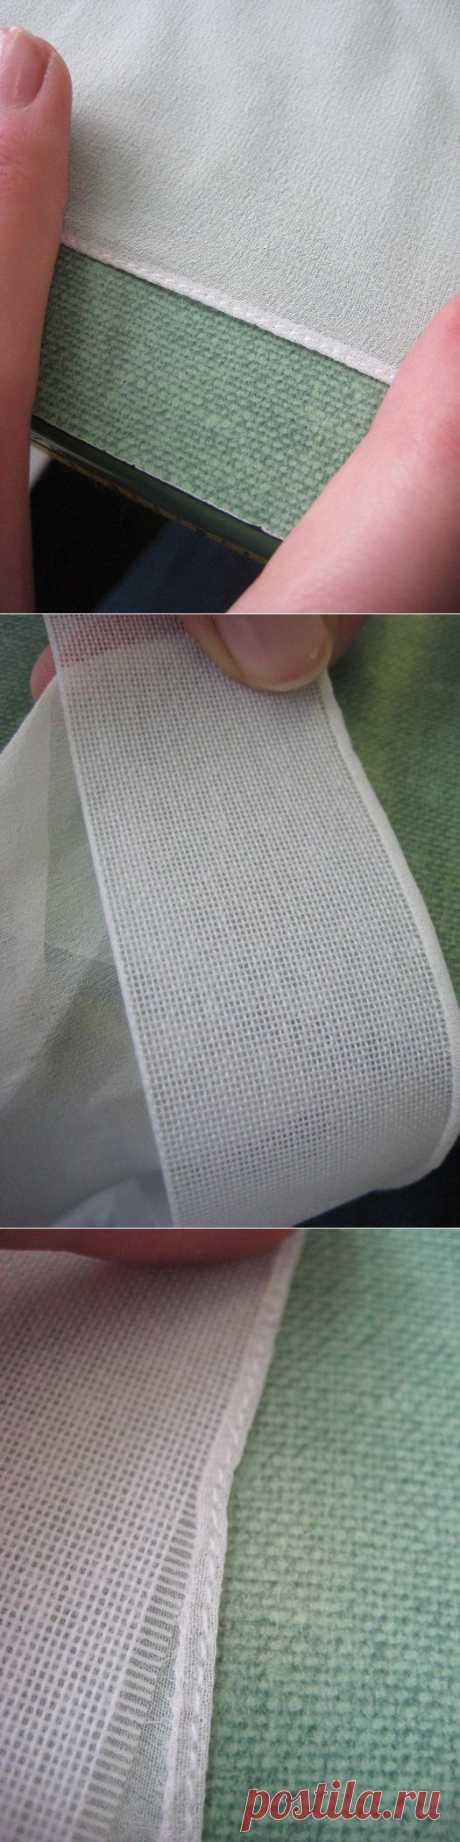 МК.  Оригинальный способ узкой подгибки на лёгкой ткани..